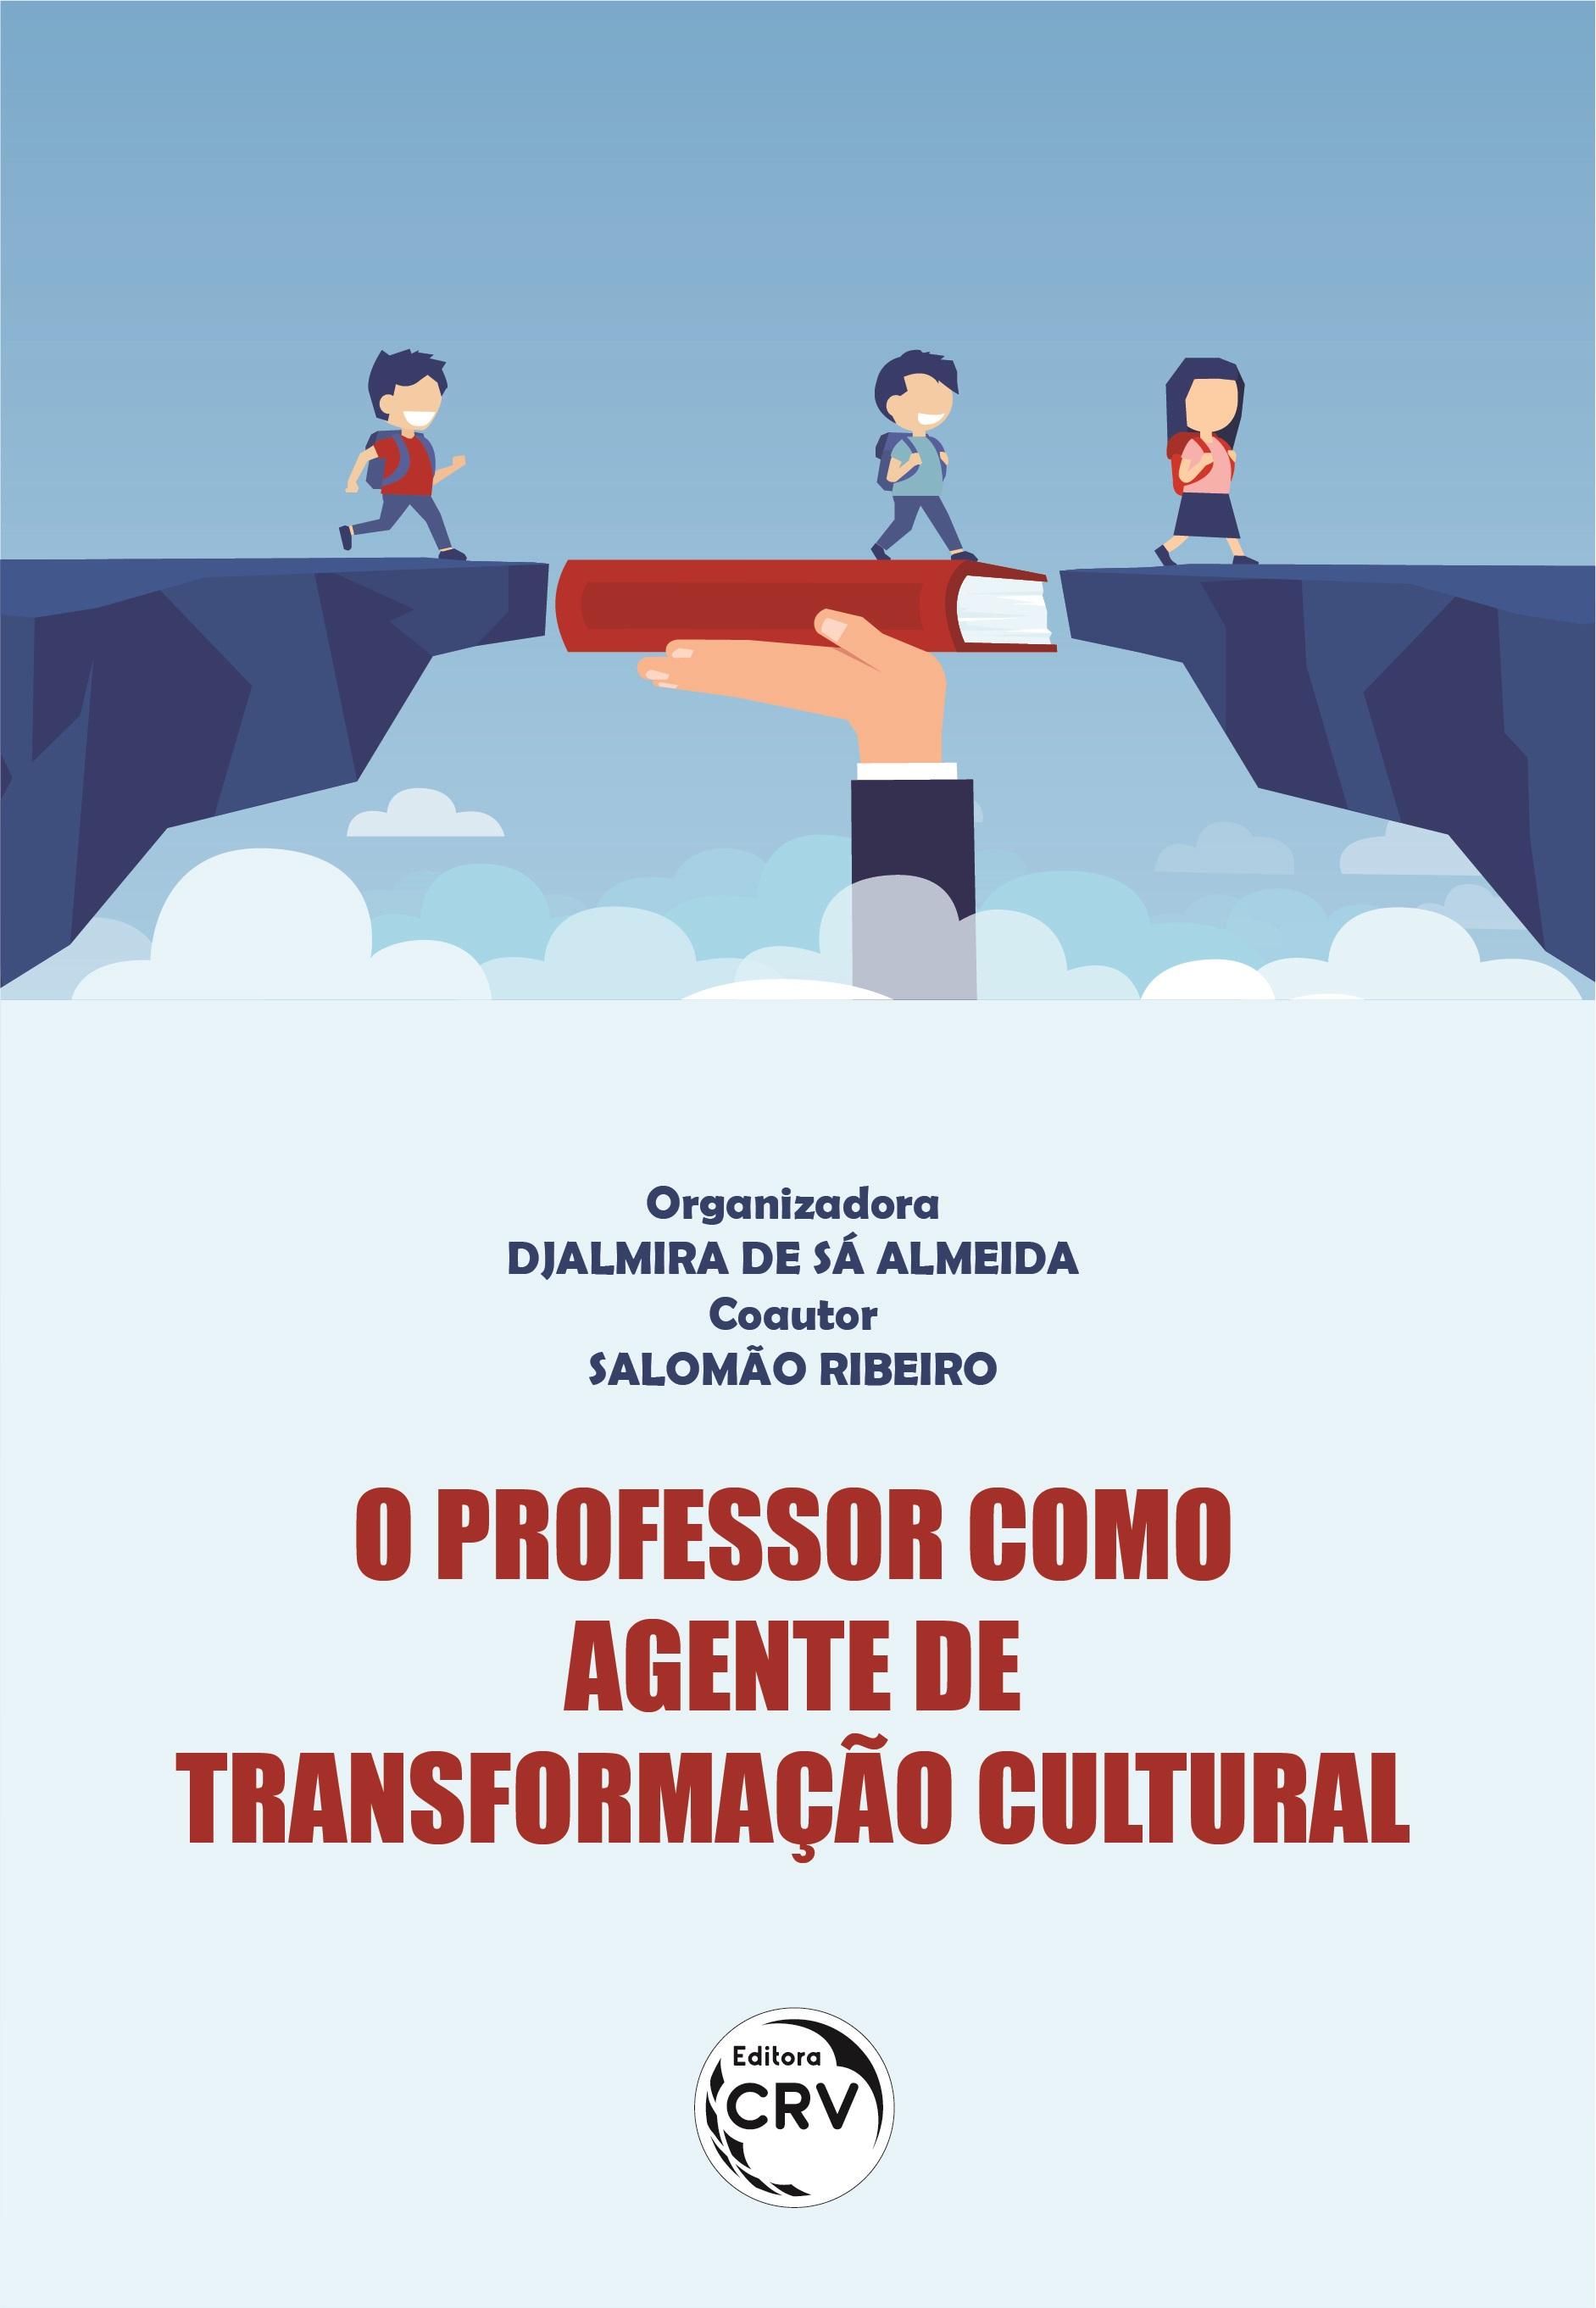 Capa do livro: O PROFESSOR COMO AGENTE DE TRANSFORMAÇÃO CULTURAL